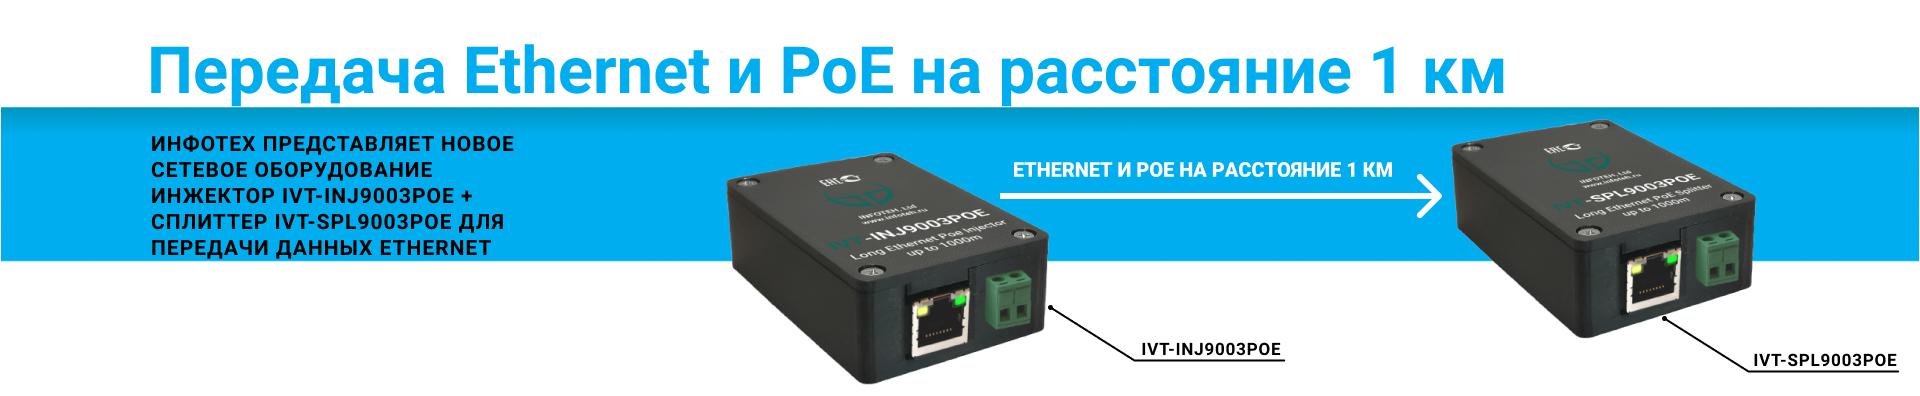 Передача Ethernet и PoE на расстояние 1 км